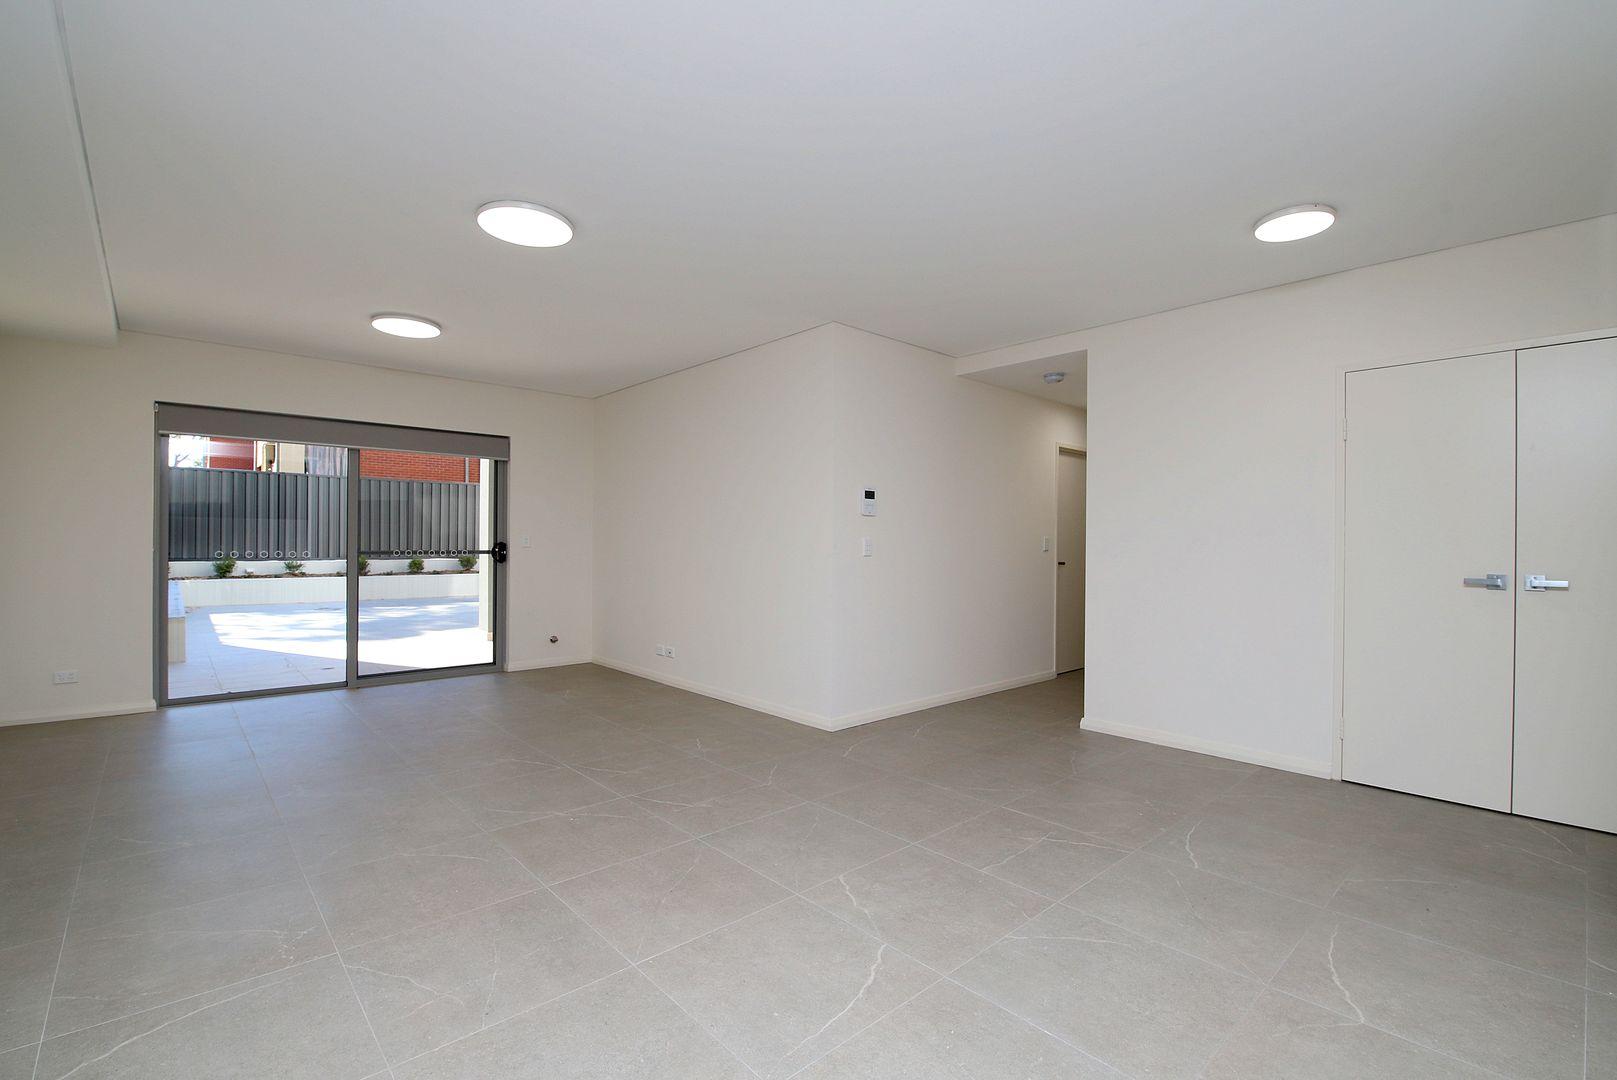 G02/106 Brancourt Avenue, Yagoona NSW 2199, Image 1